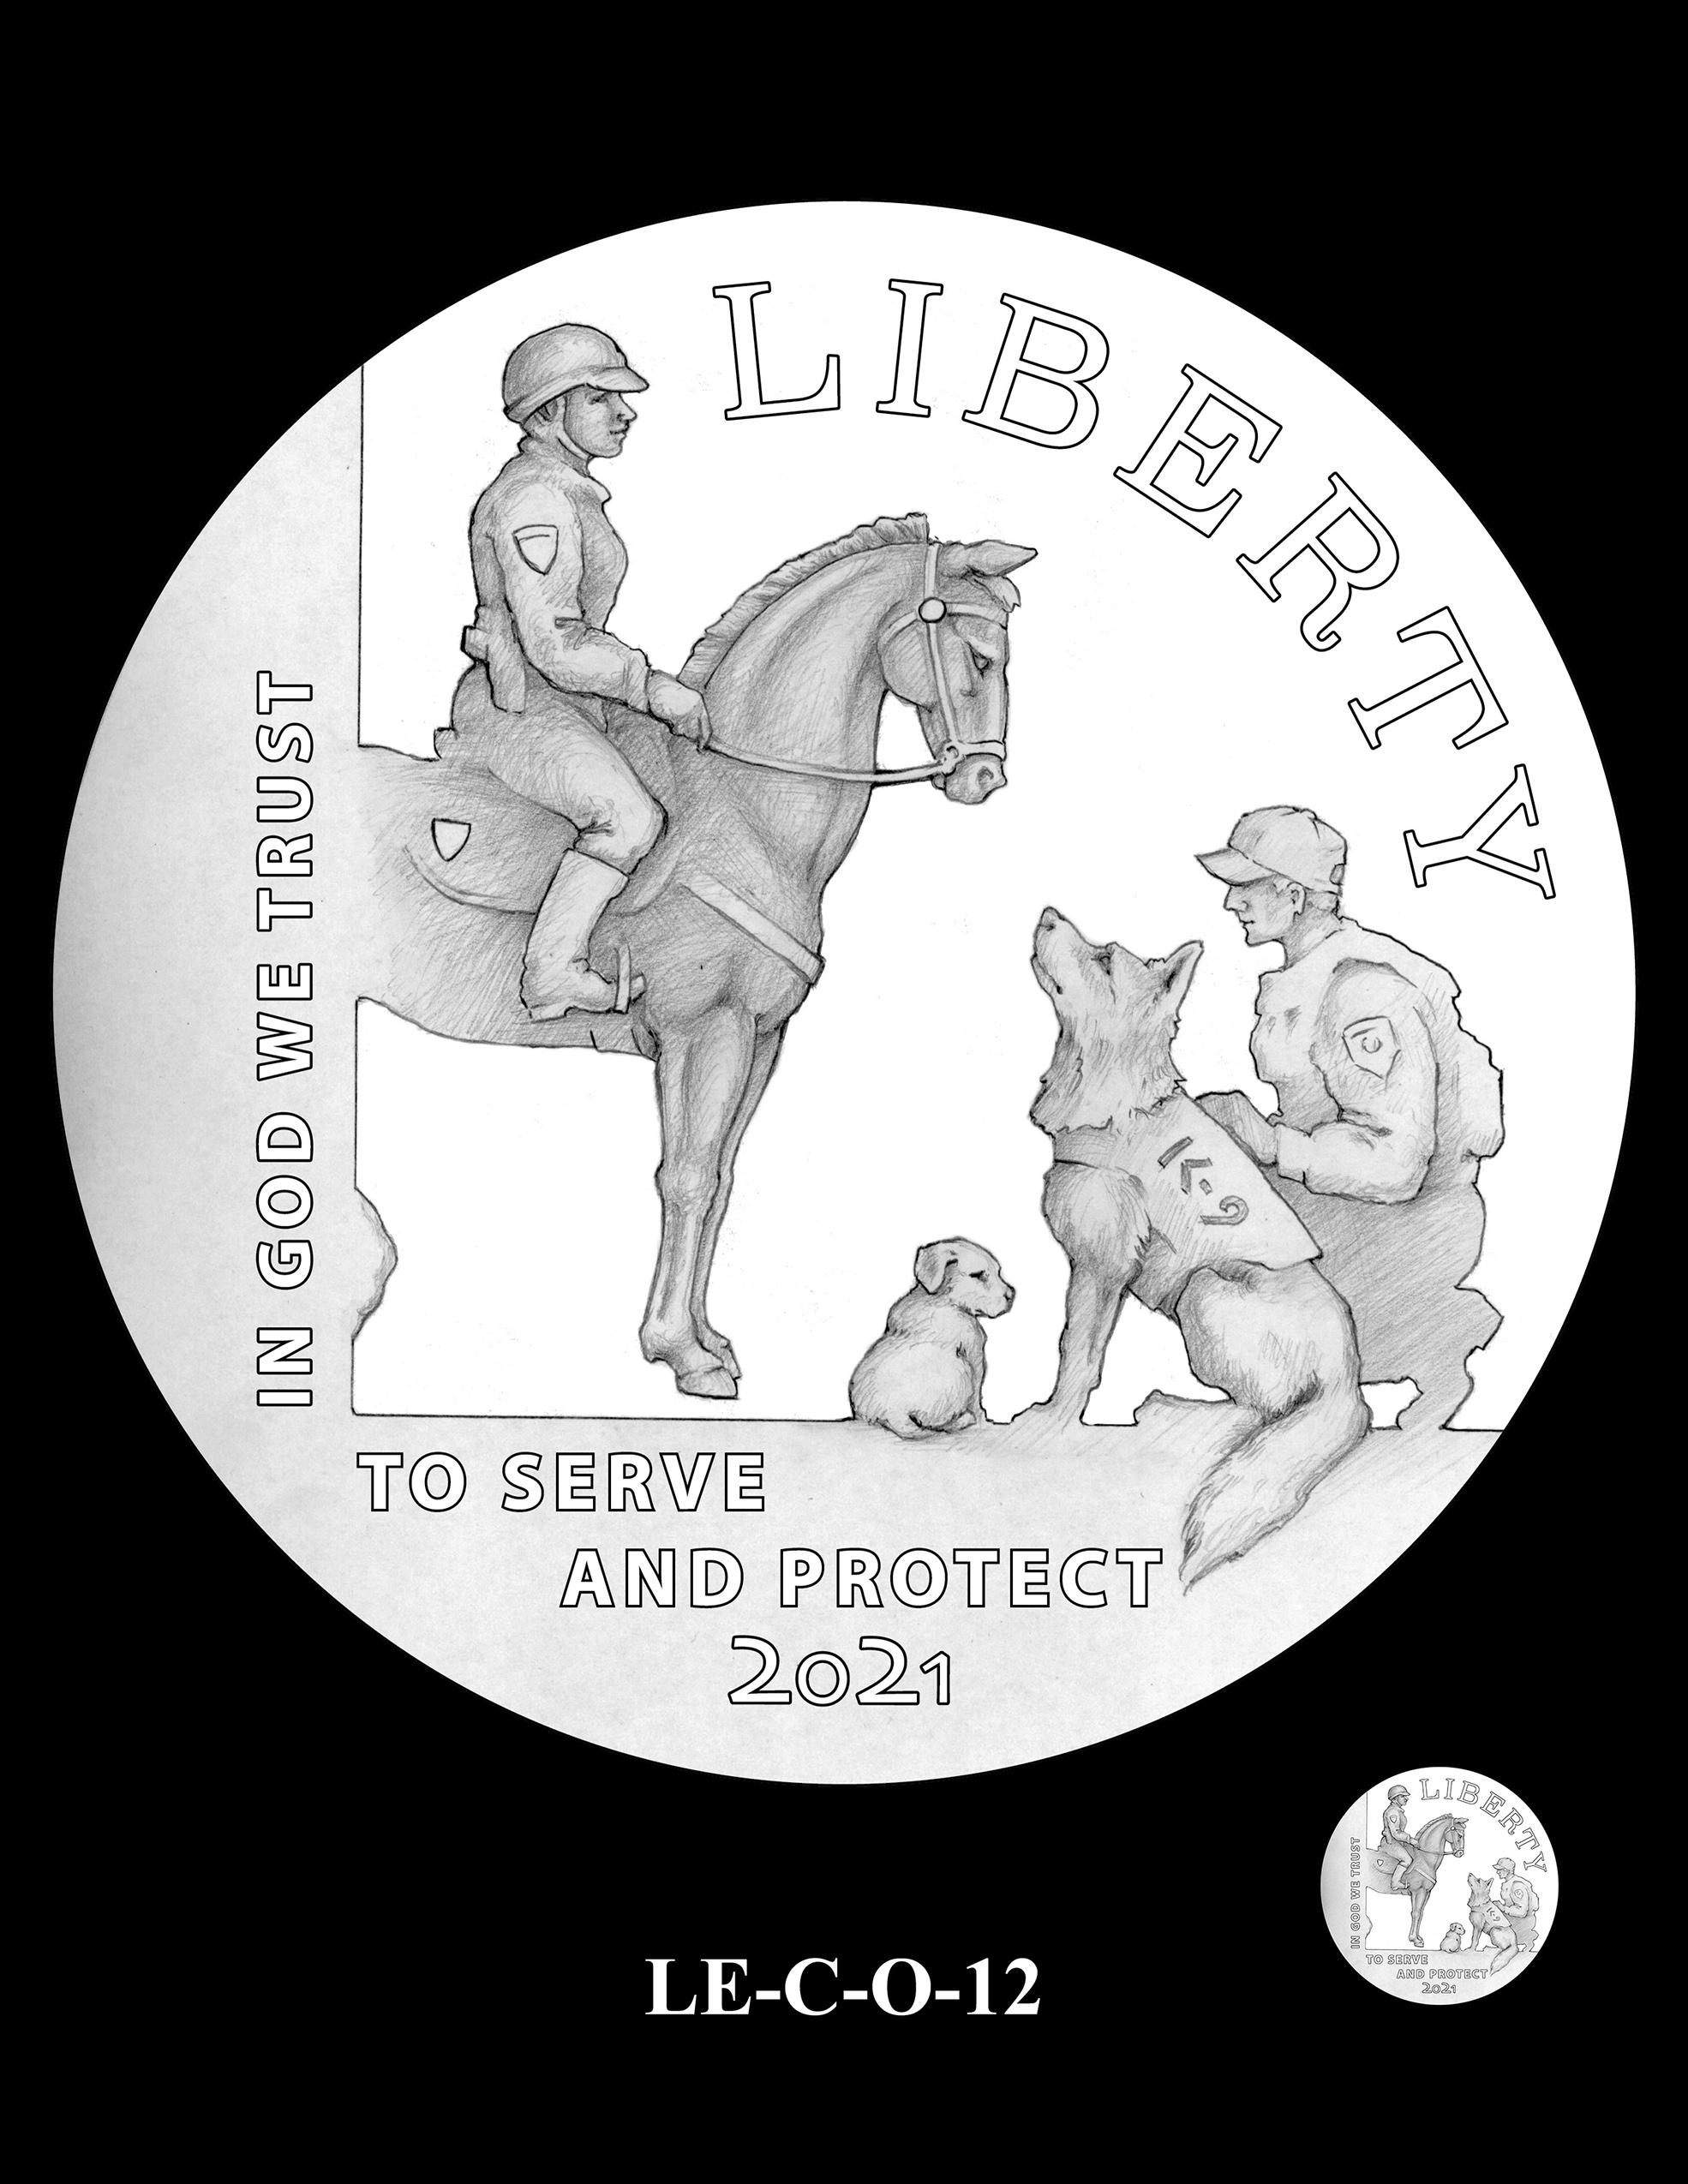 LE-C-O-12 -- National Law Enforcement Museum Commemorative Coin Program